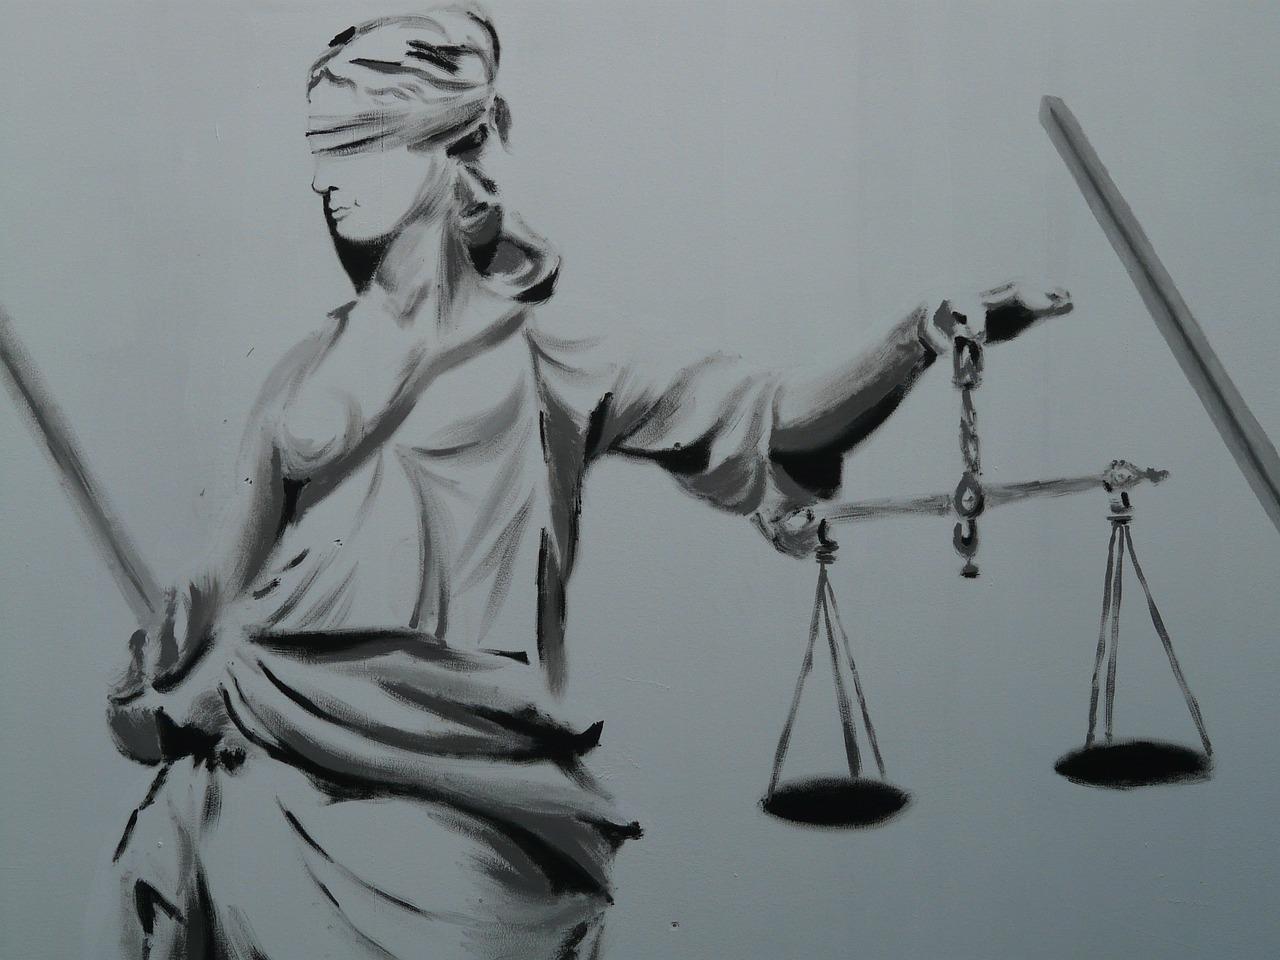 Συμμετοχή σε επιτροπή του Υπουργείου Δικαιοσύνης